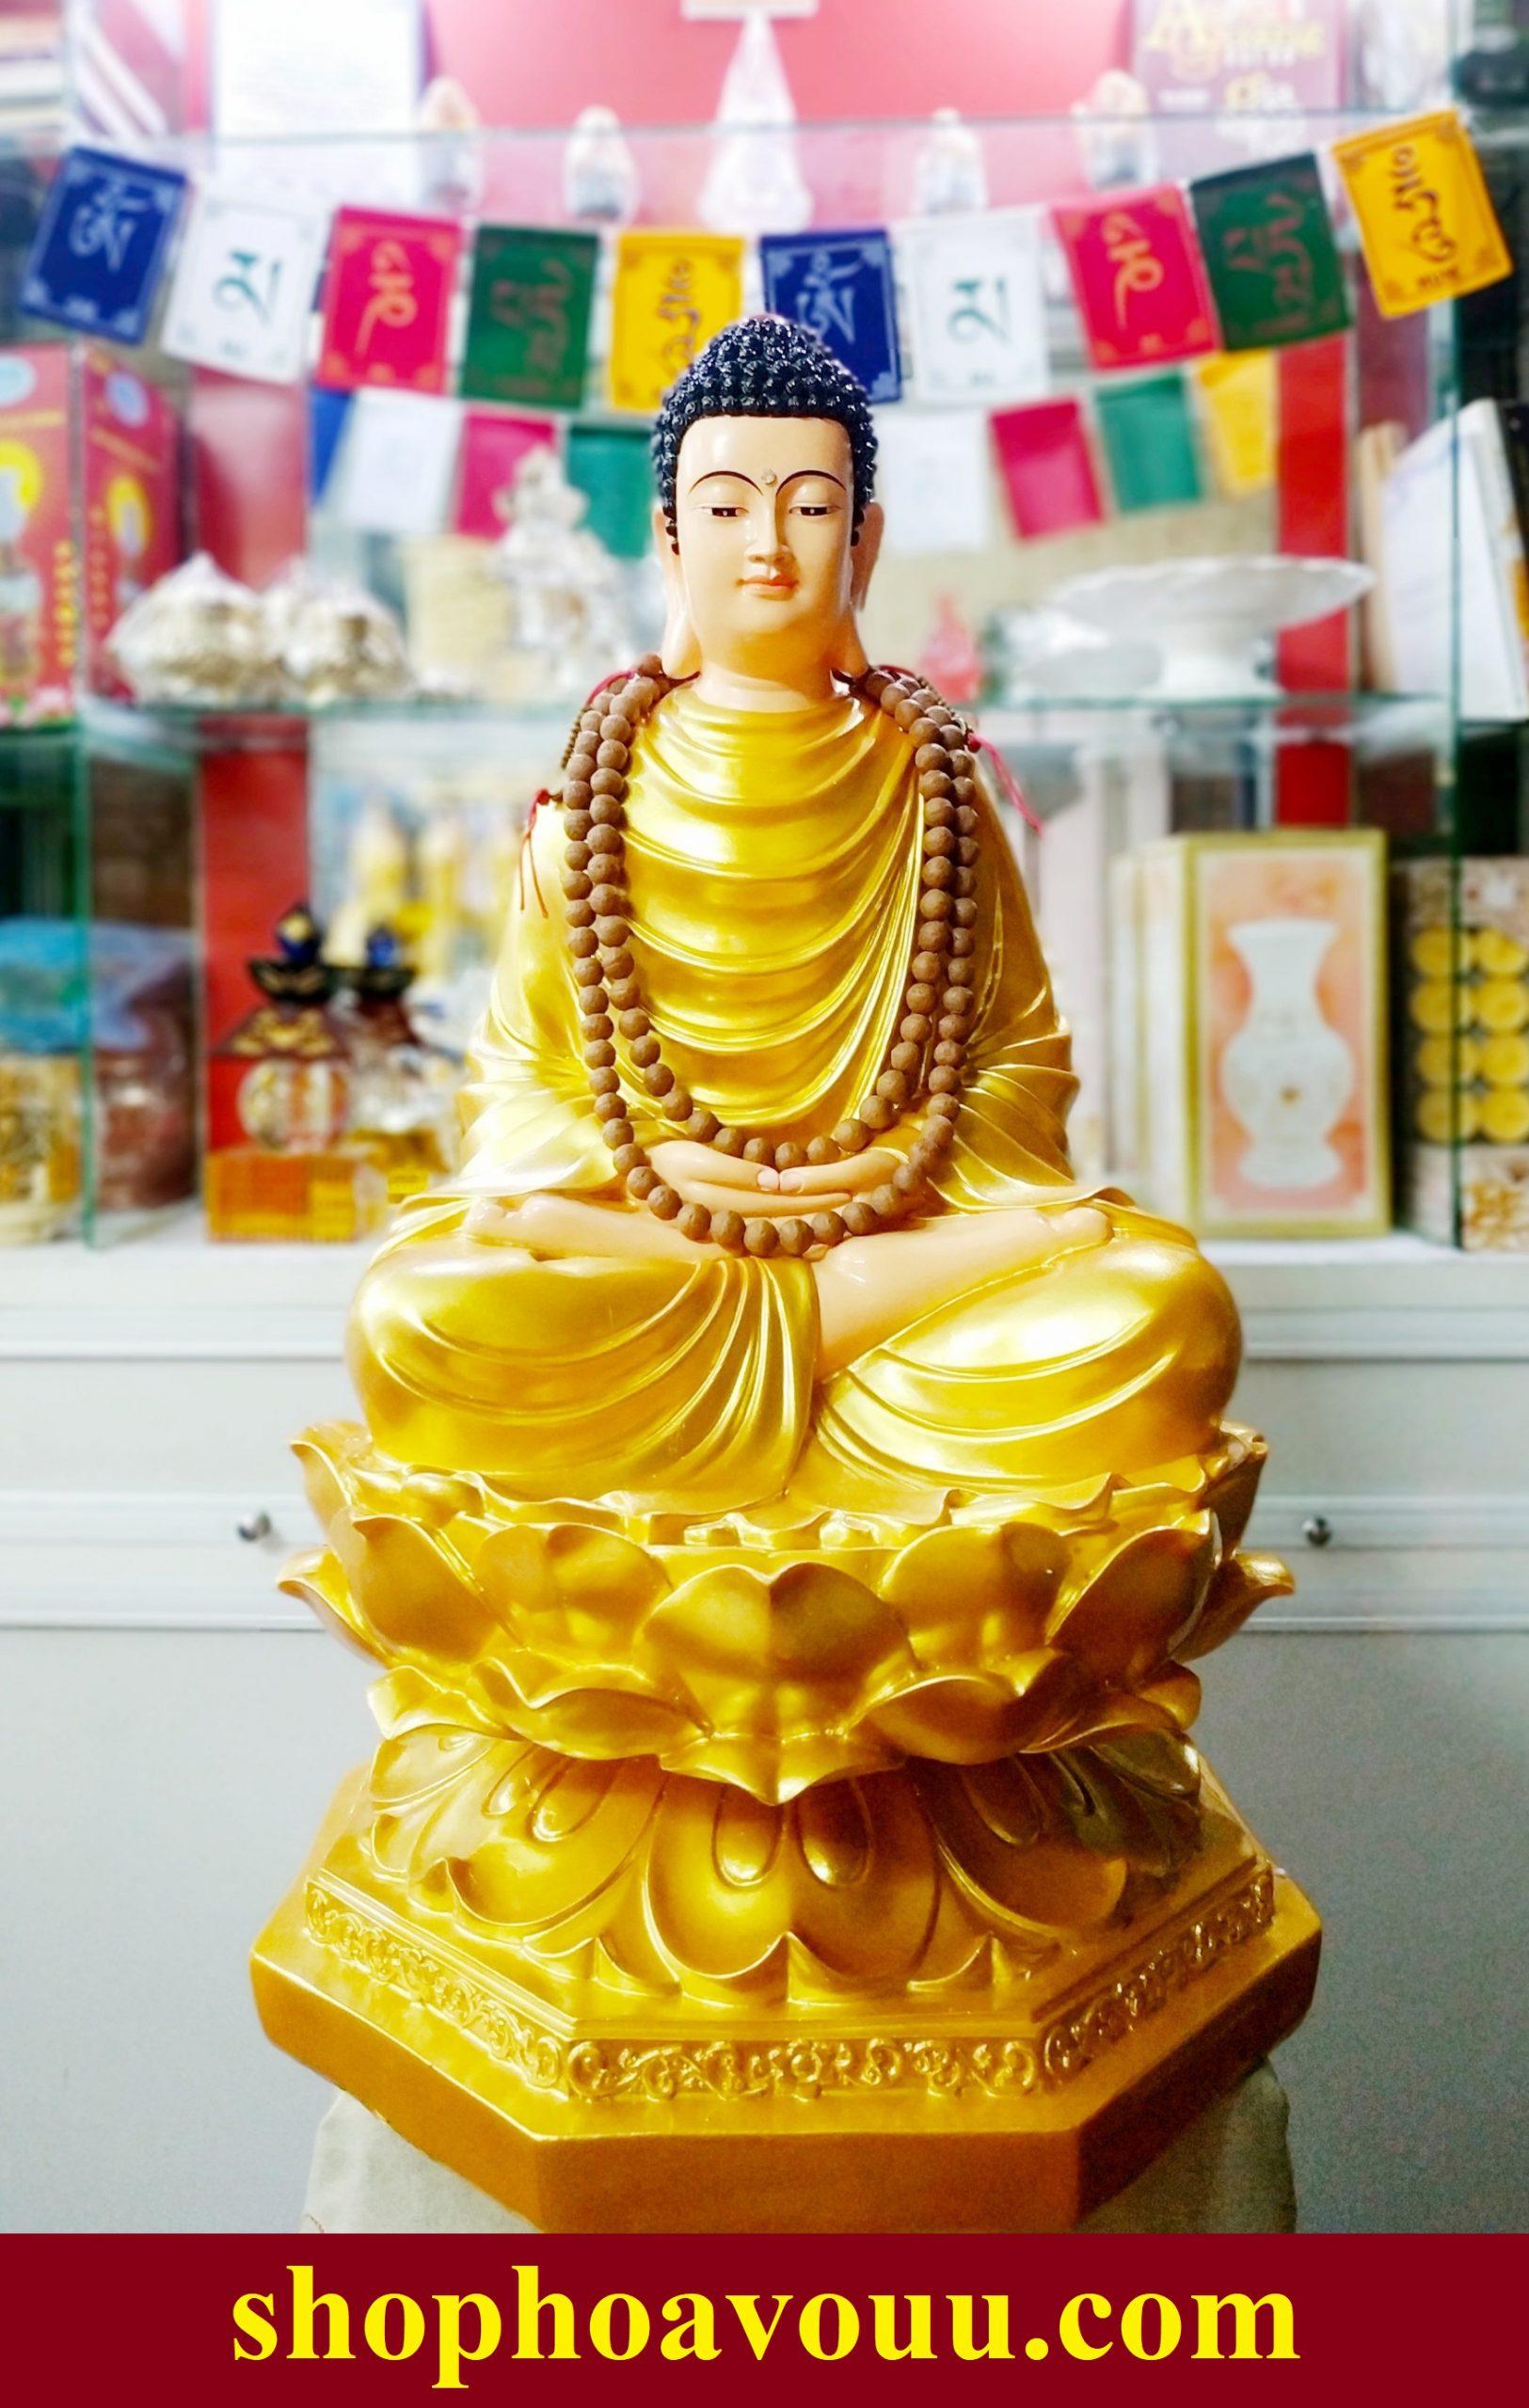 Chuỗi Bồ Đề Phật Nhãn (Bồ Đề Mắt Phật) mang ý nghĩa tâm linh vô cùng to lớn